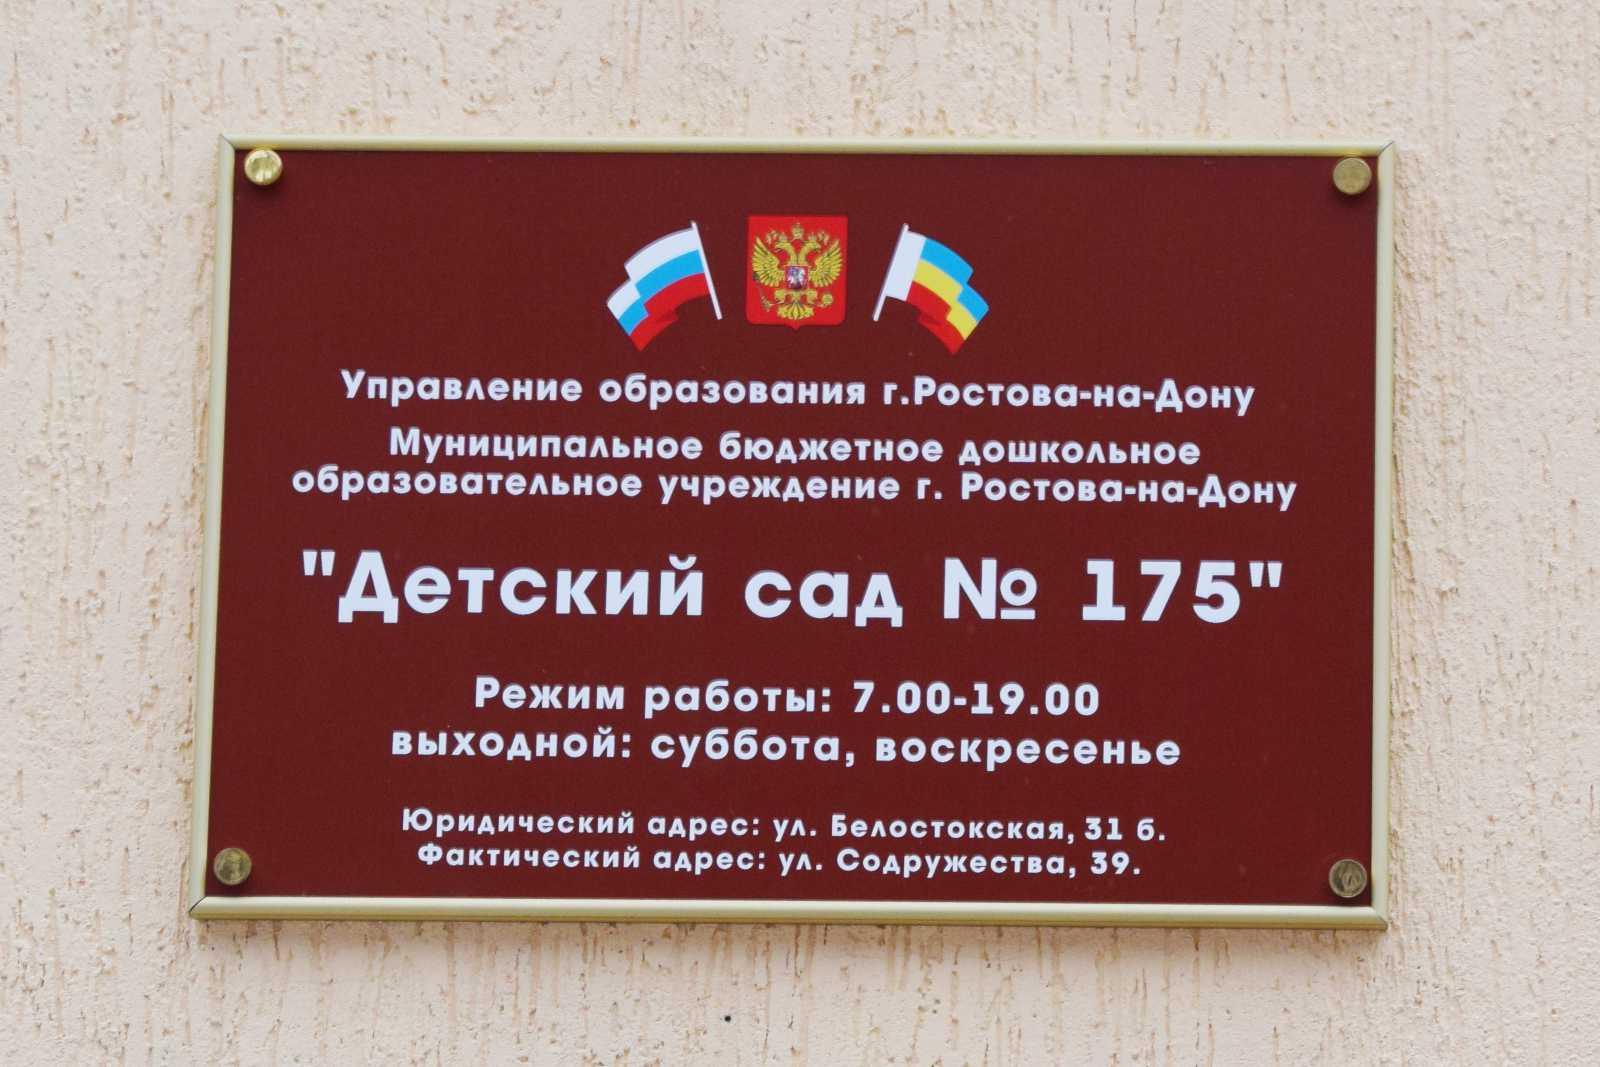 Нами изготовлены таблички для детского сада в Ростове-на-Дону.